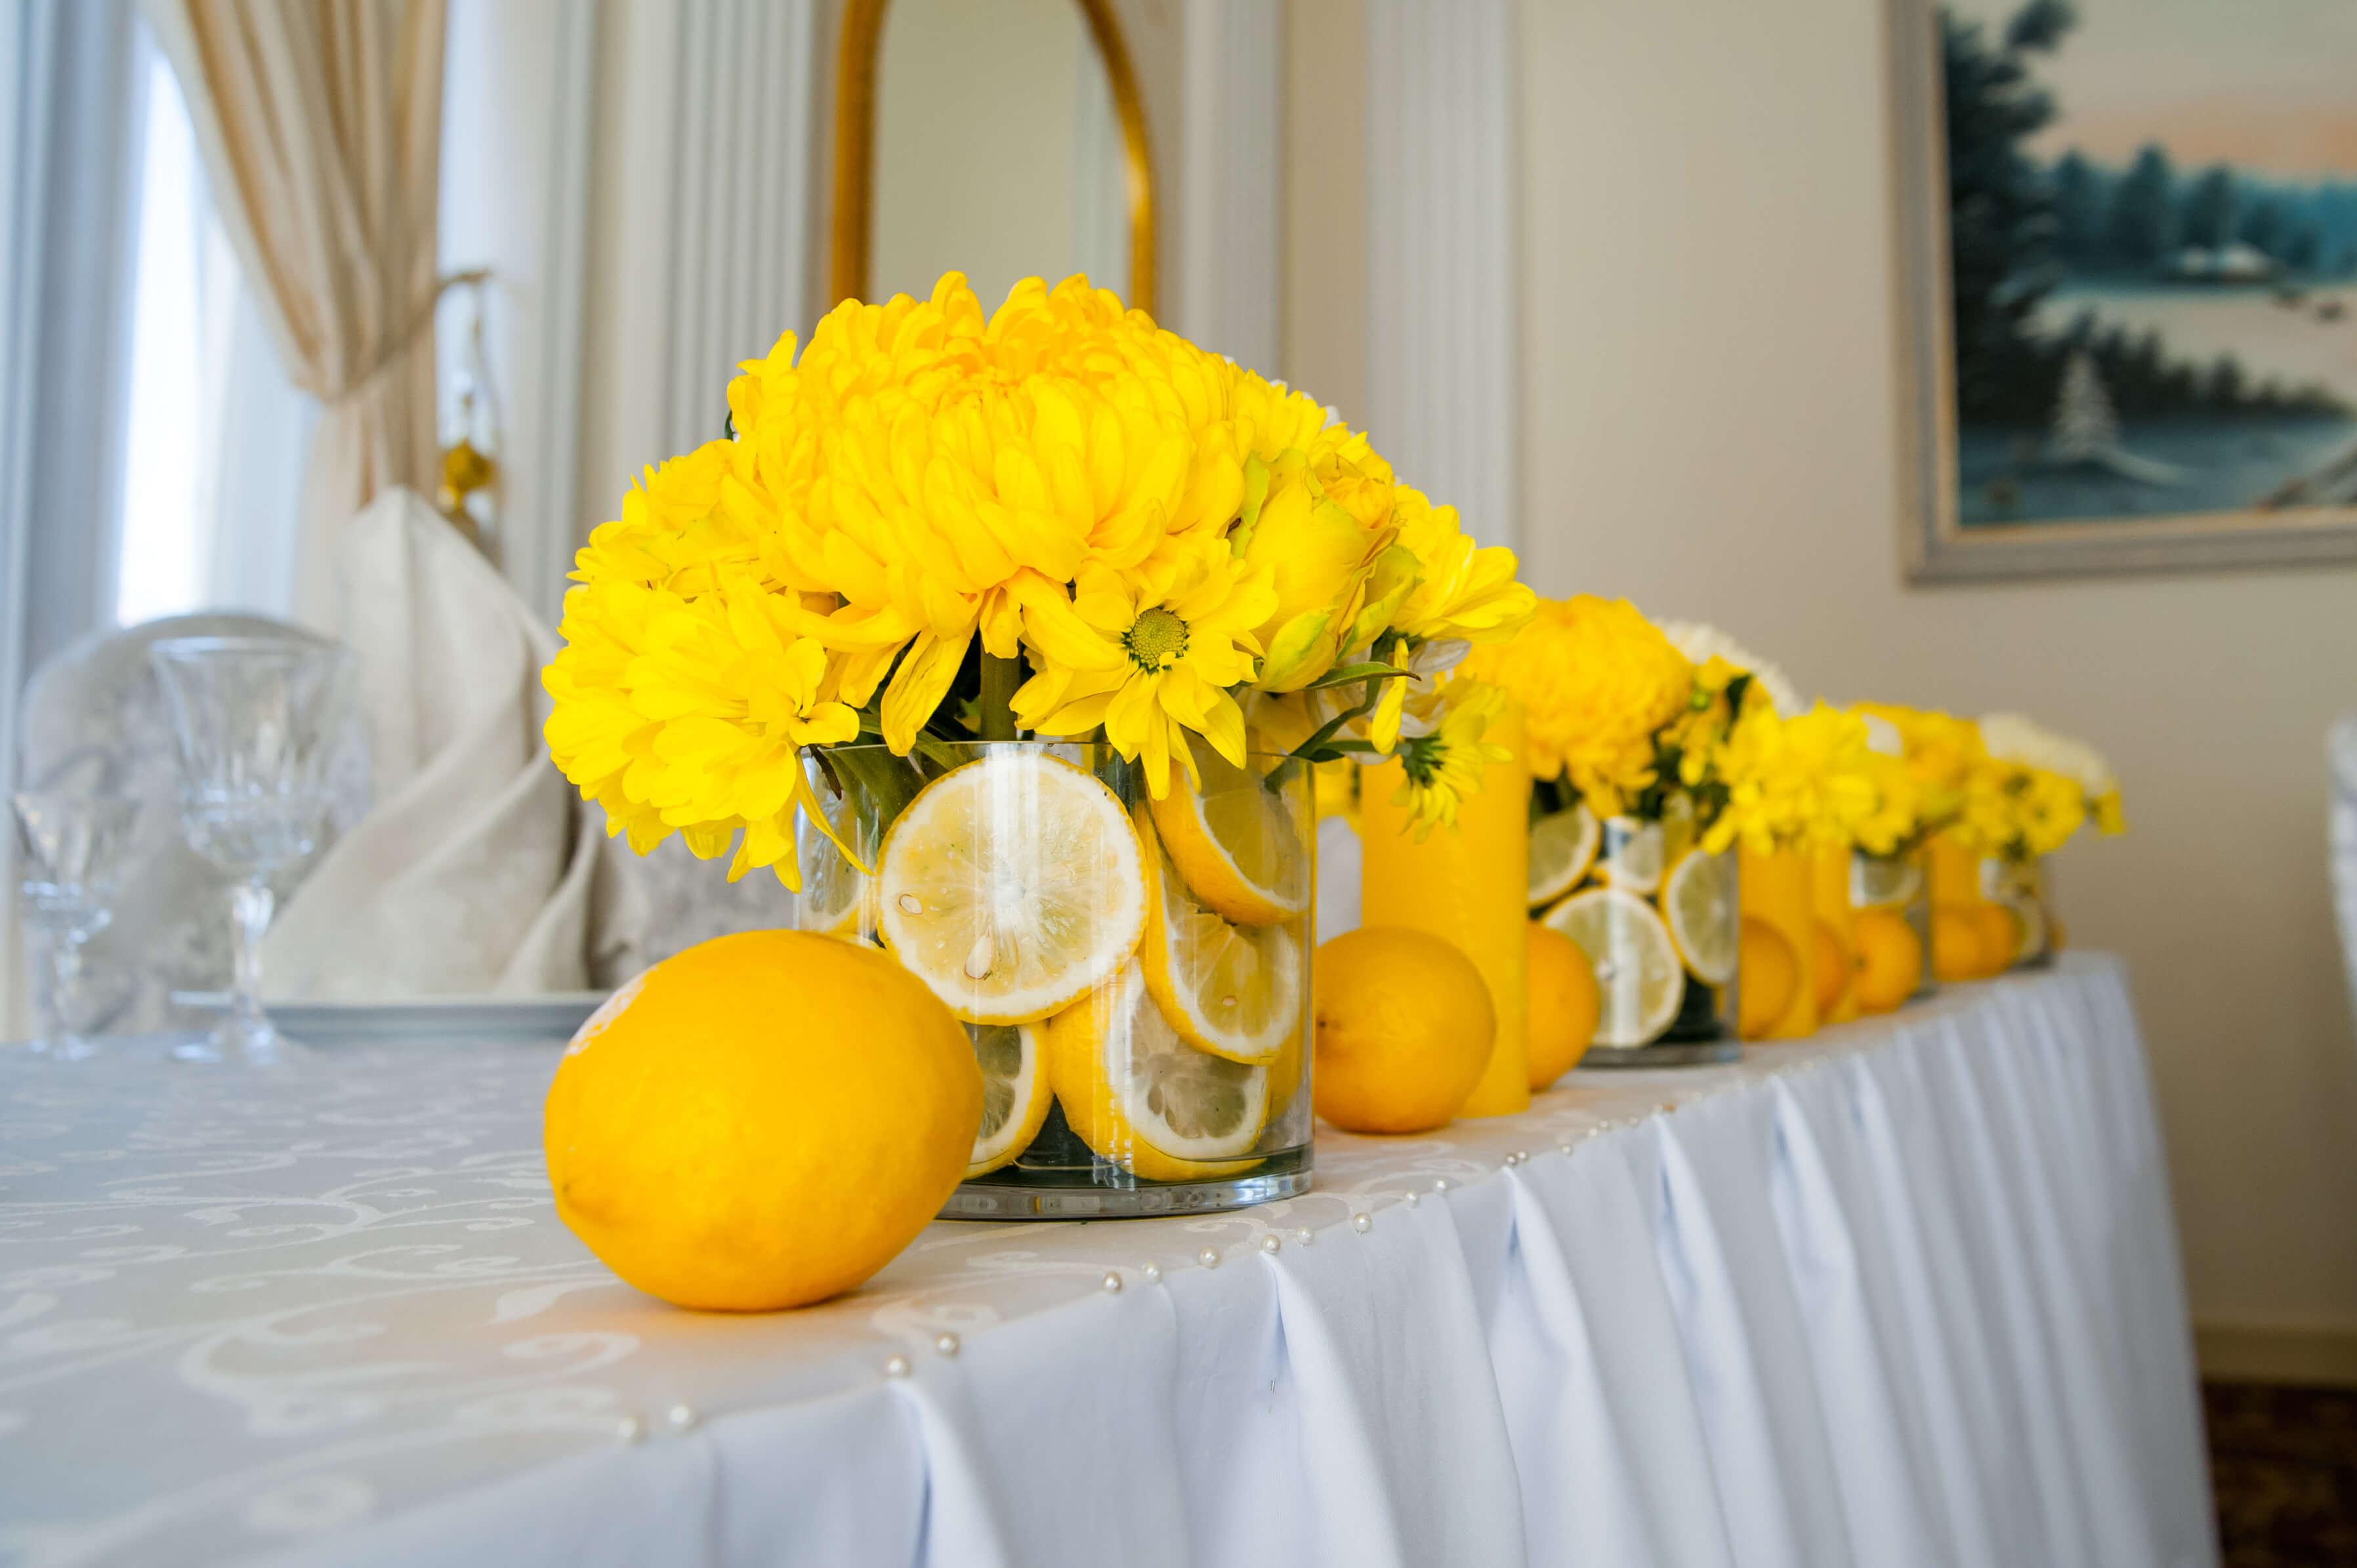 цветочные композиции на столе молодых свадьбы в лимонном стиле